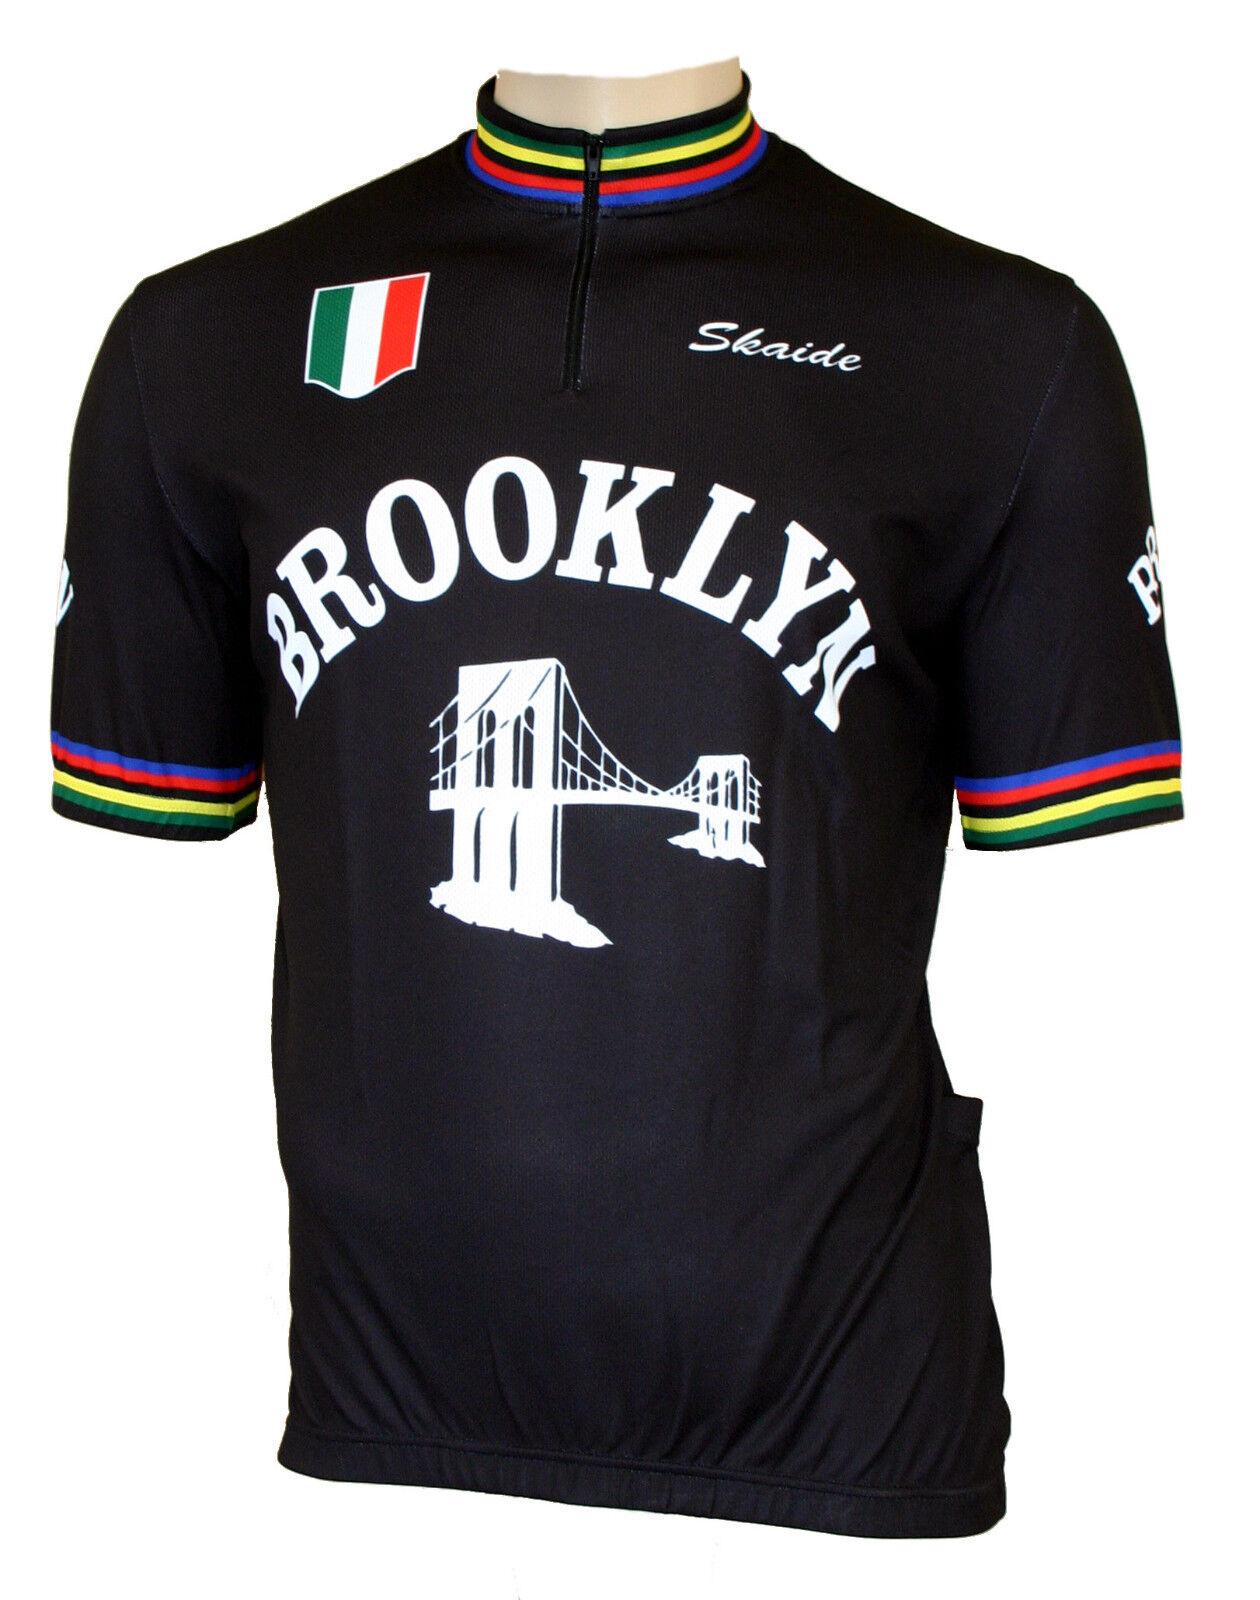 CYCLING Brooklyn Retrò Nero a Maniche Corte (anche taglie forti fino a 6xl)